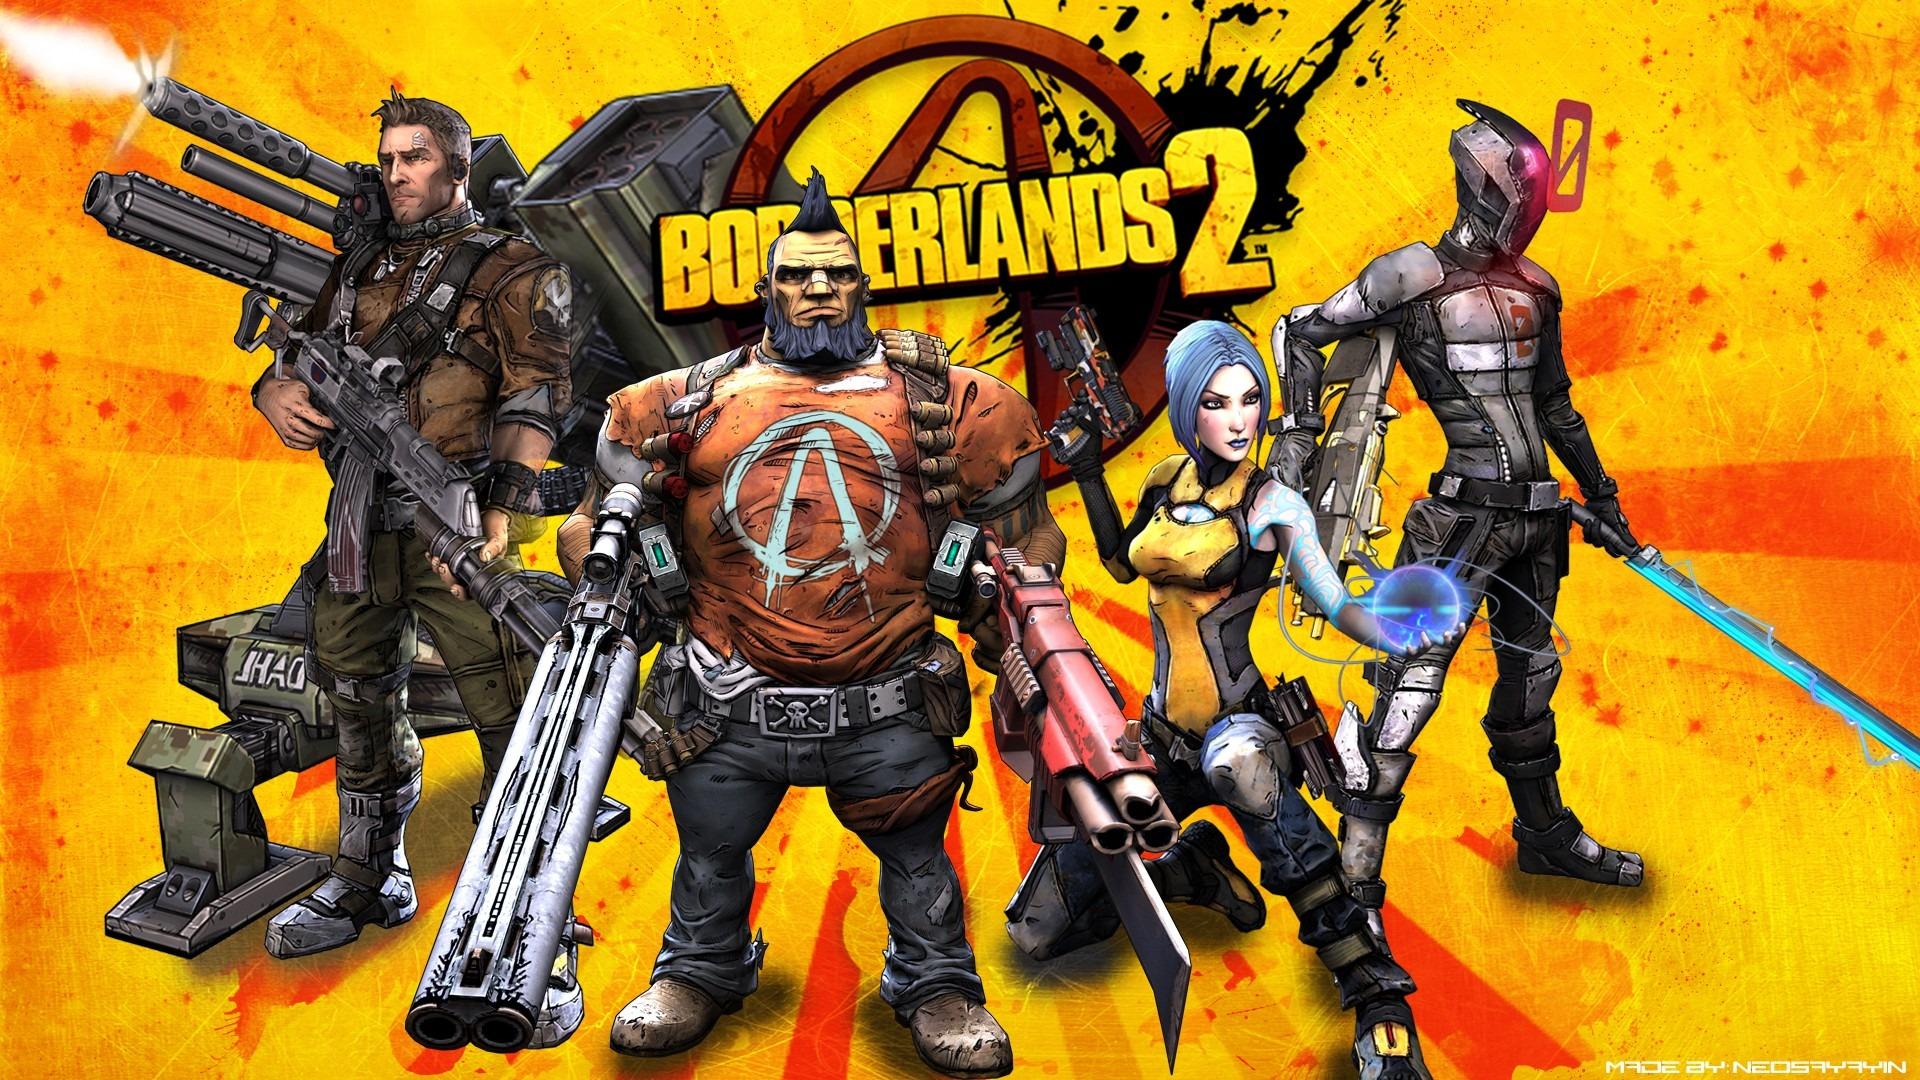 Borderlands 2 : Guide des trophées et succès